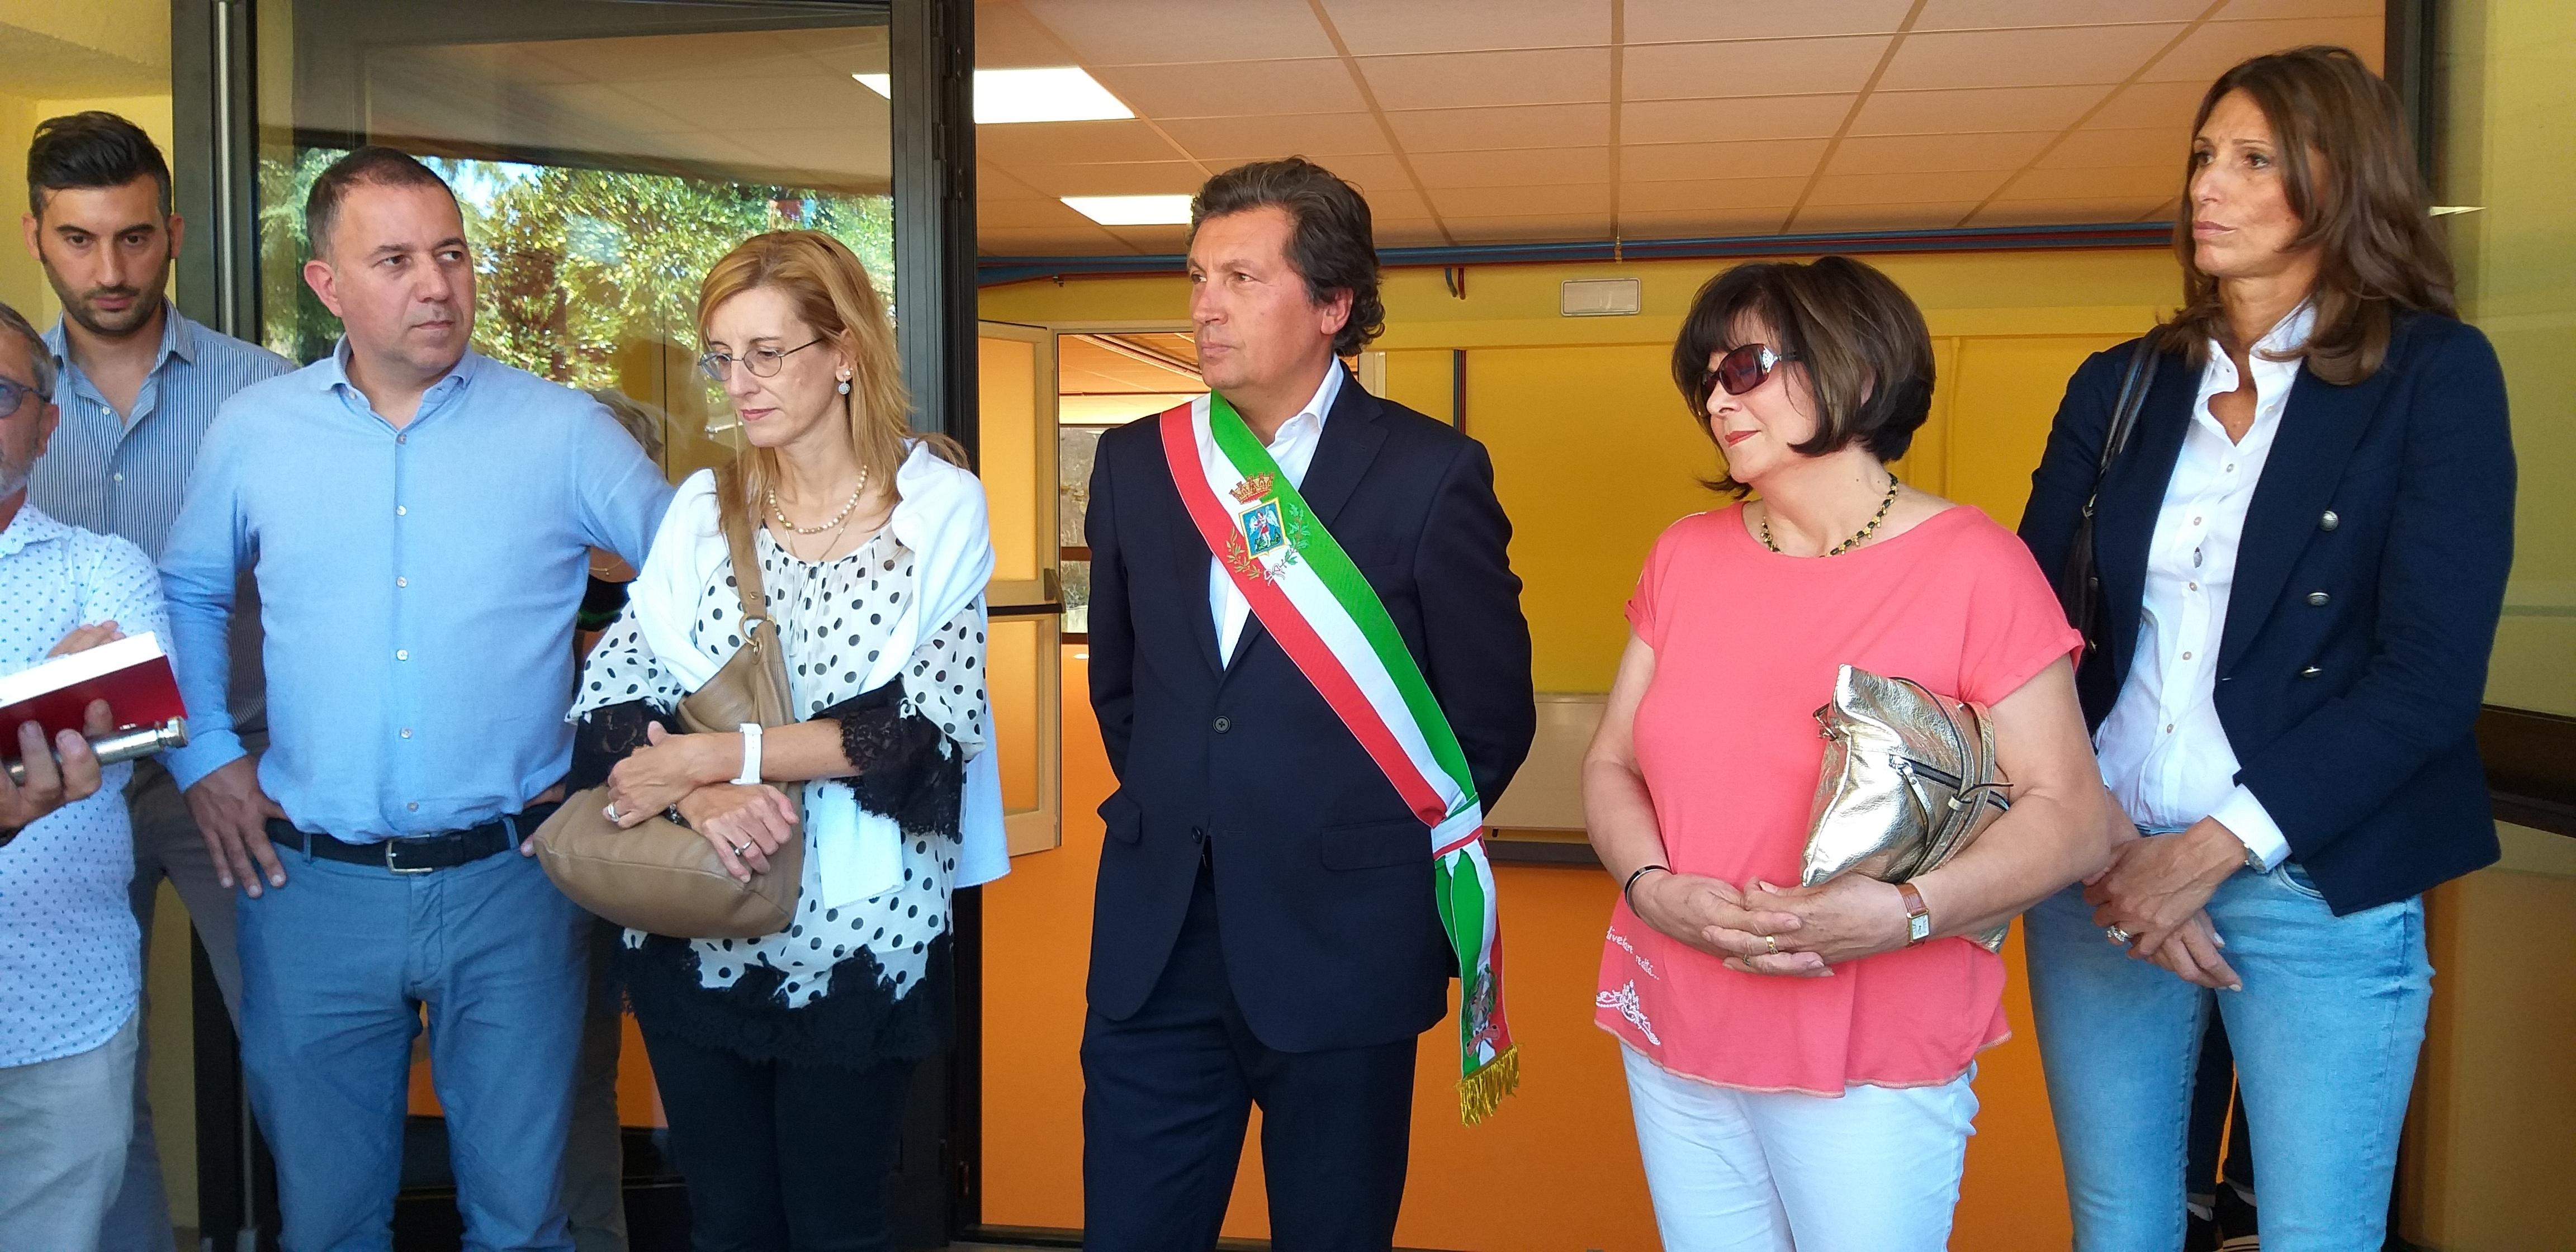 Dopo 24 mesi e oltre 800 mila euro d'investimento, risorse economiche del comune, è stata adeguata la scuola Brogi